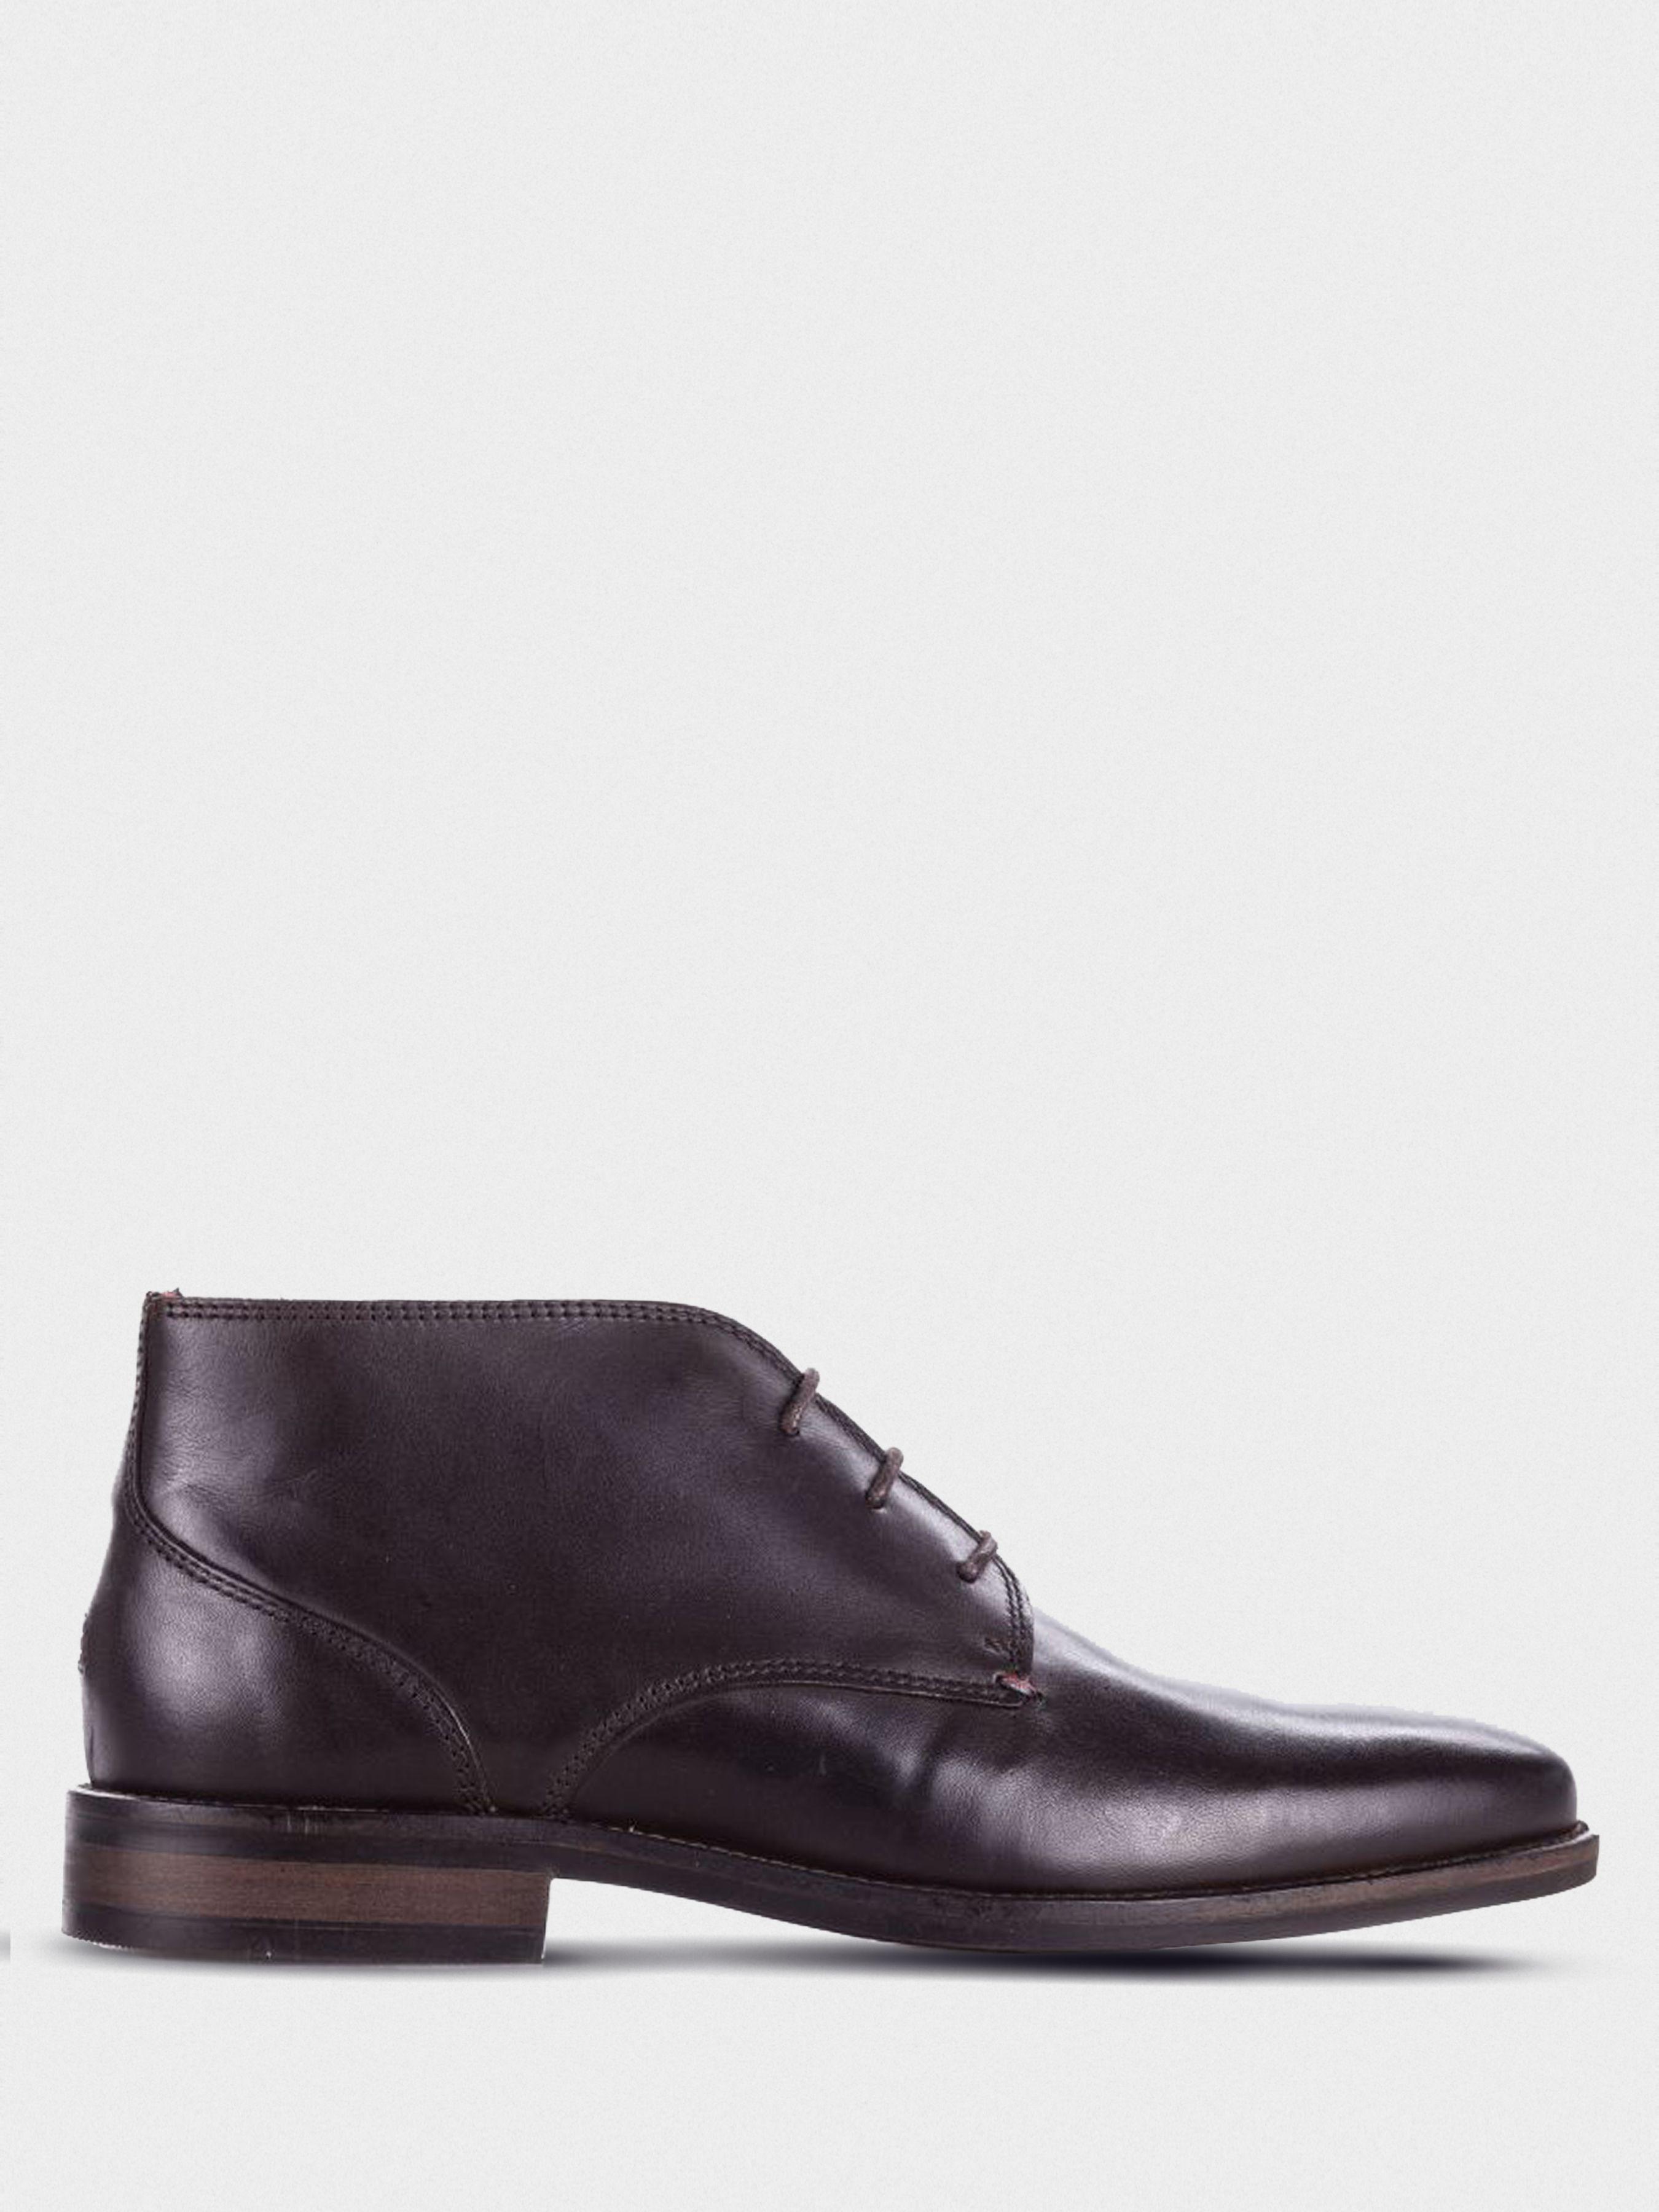 Купить Ботинки мужские Tommy Hilfiger TE797, Коричневый